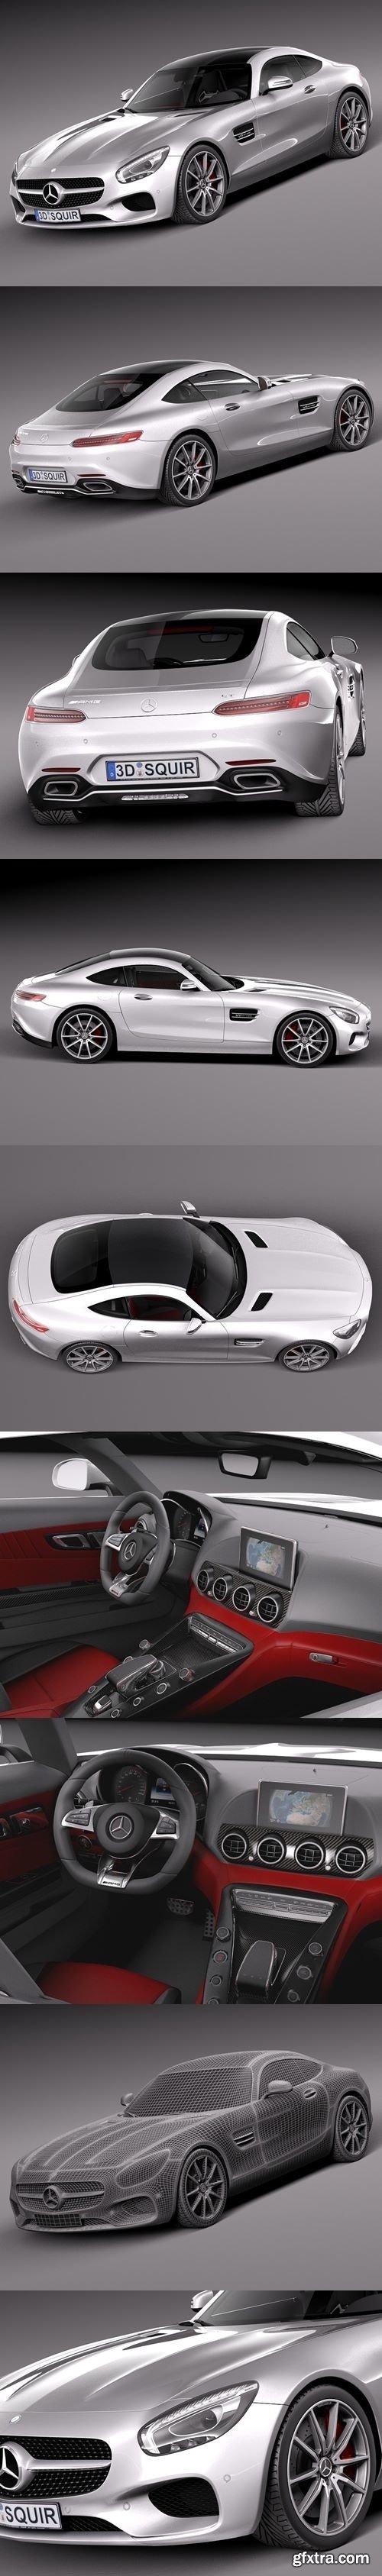 Mercedes Benz AMG GT 2016 3D Model